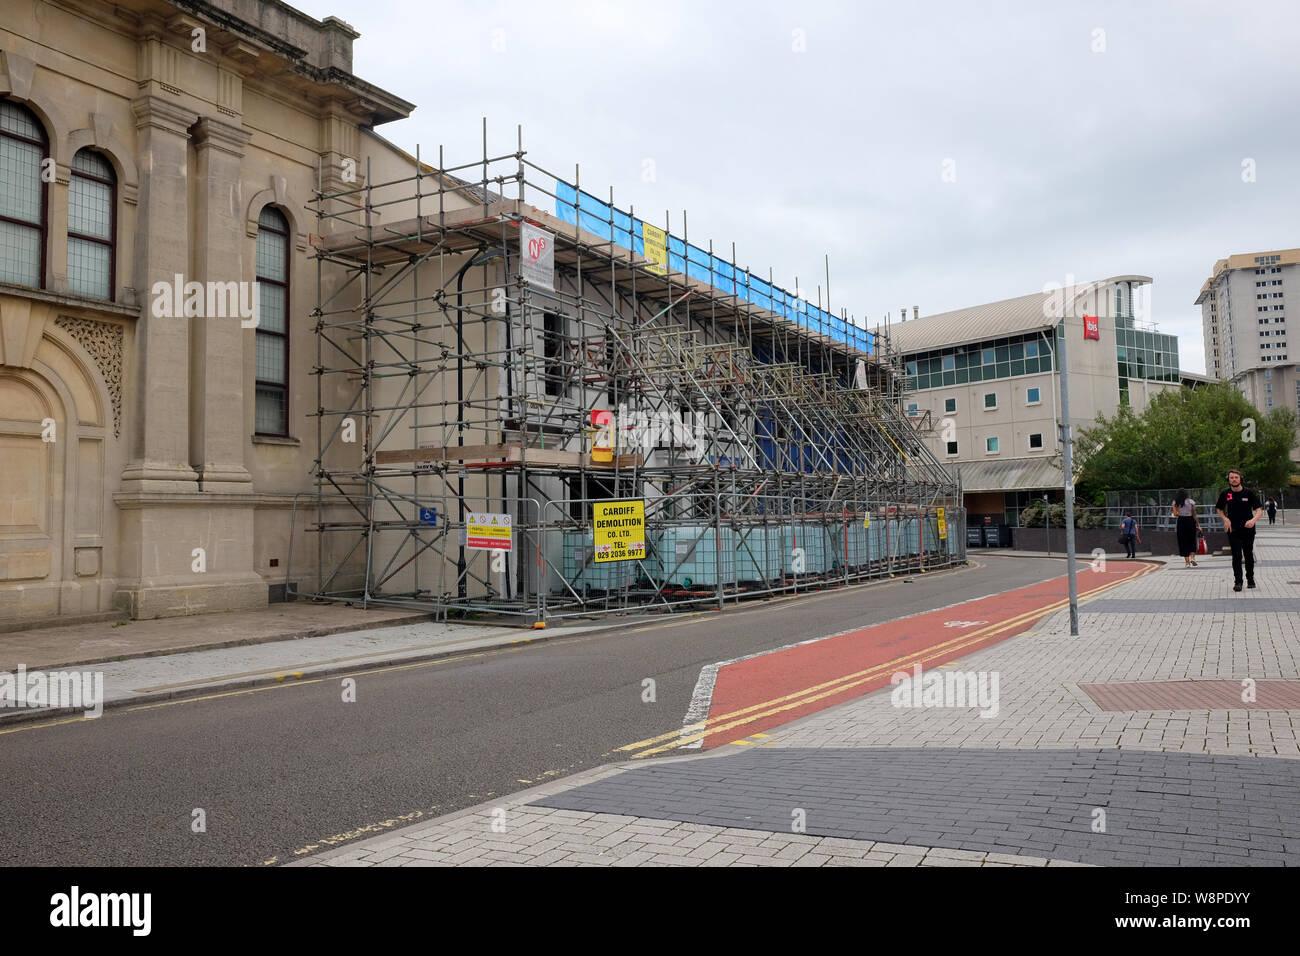 Agosto 2019 Demolición De Guildford Crescent Una Terraza